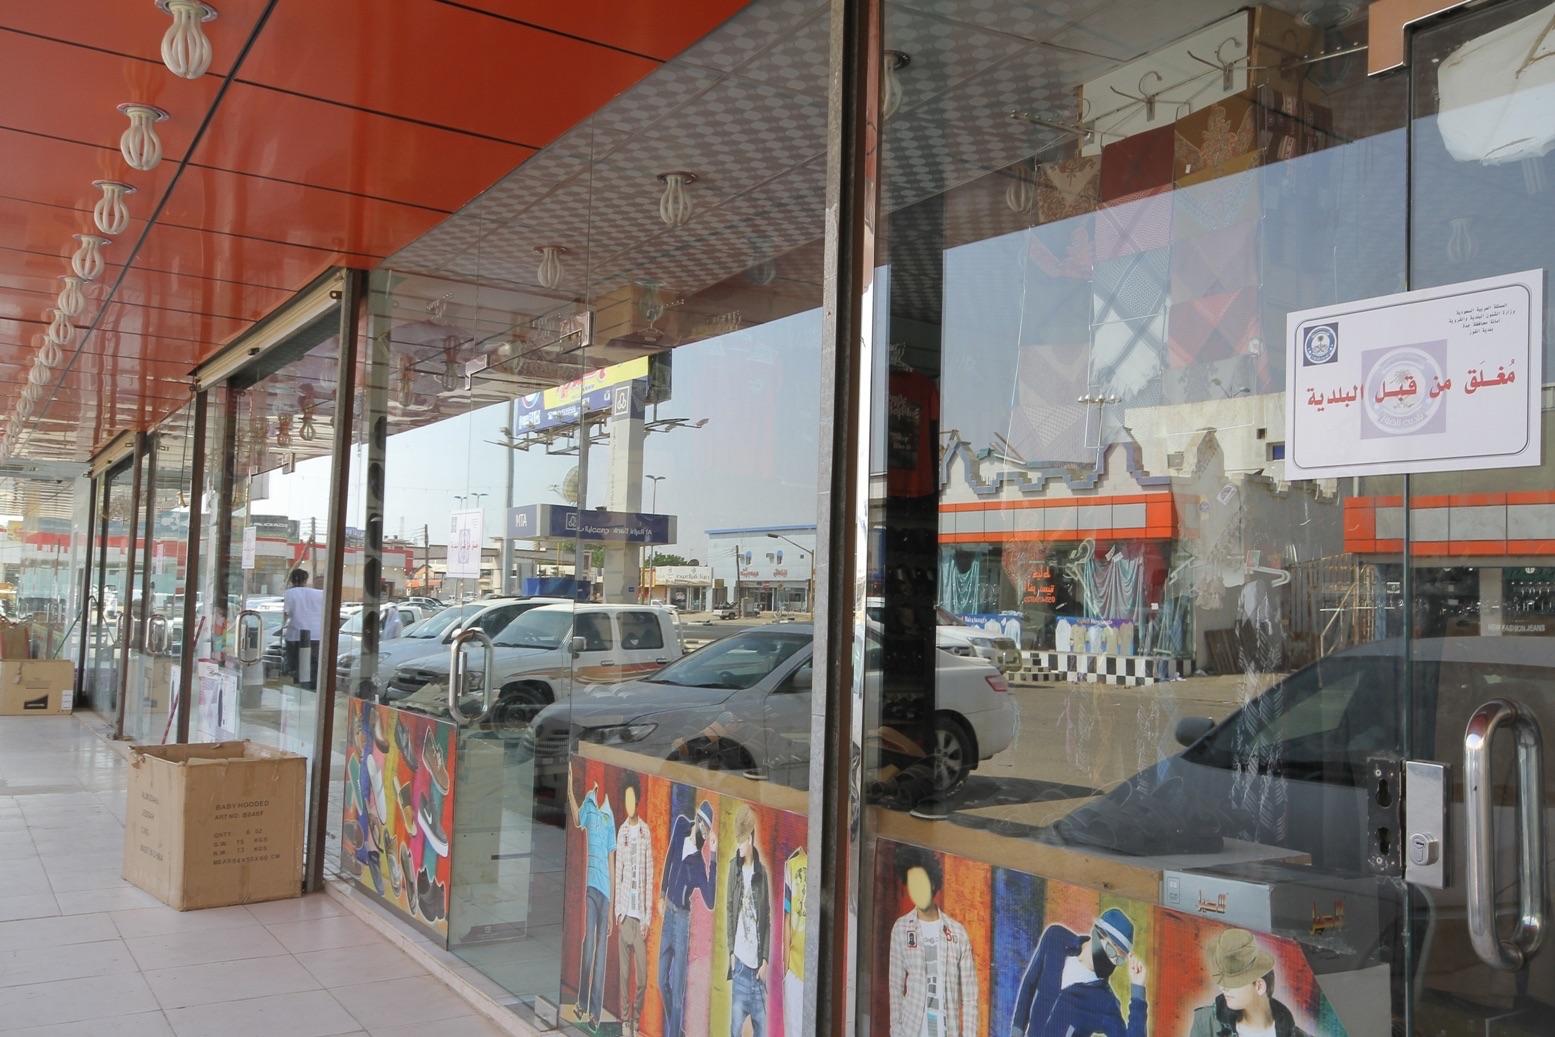 بالصور.. بلدية #القوز تُغلق 60 محلاً تجارياً مخالفاً (1)